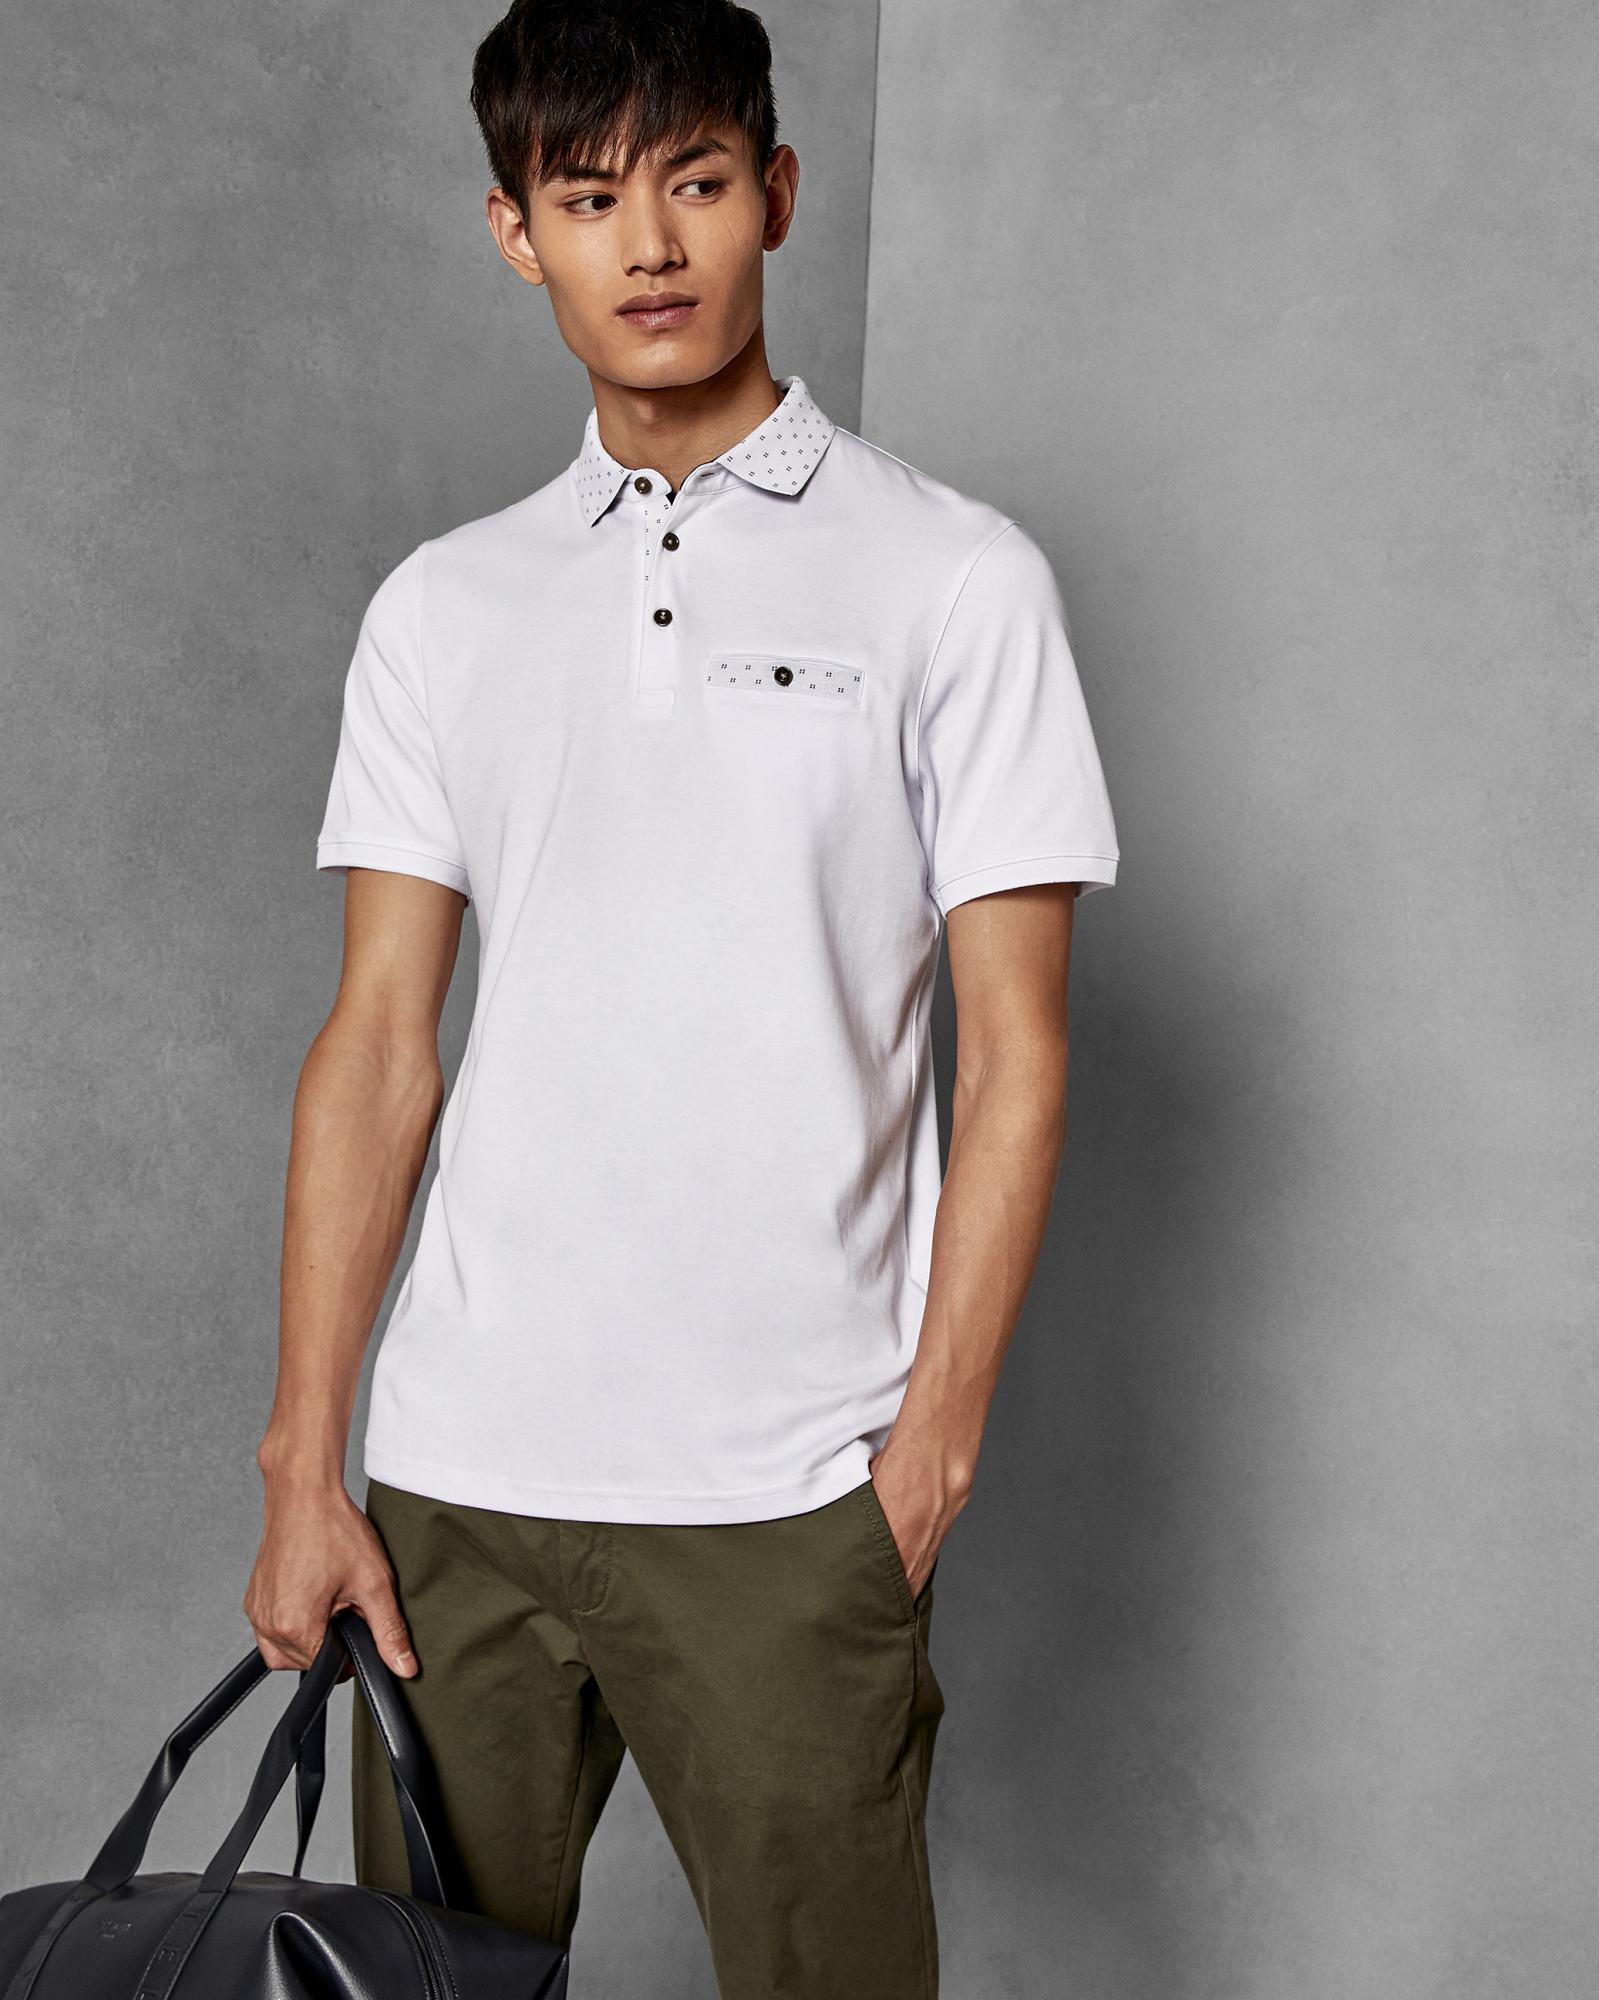 b904442c365b Lyst - Ted Baker Short Sleeved Cotton Polo Shirt in White for Men